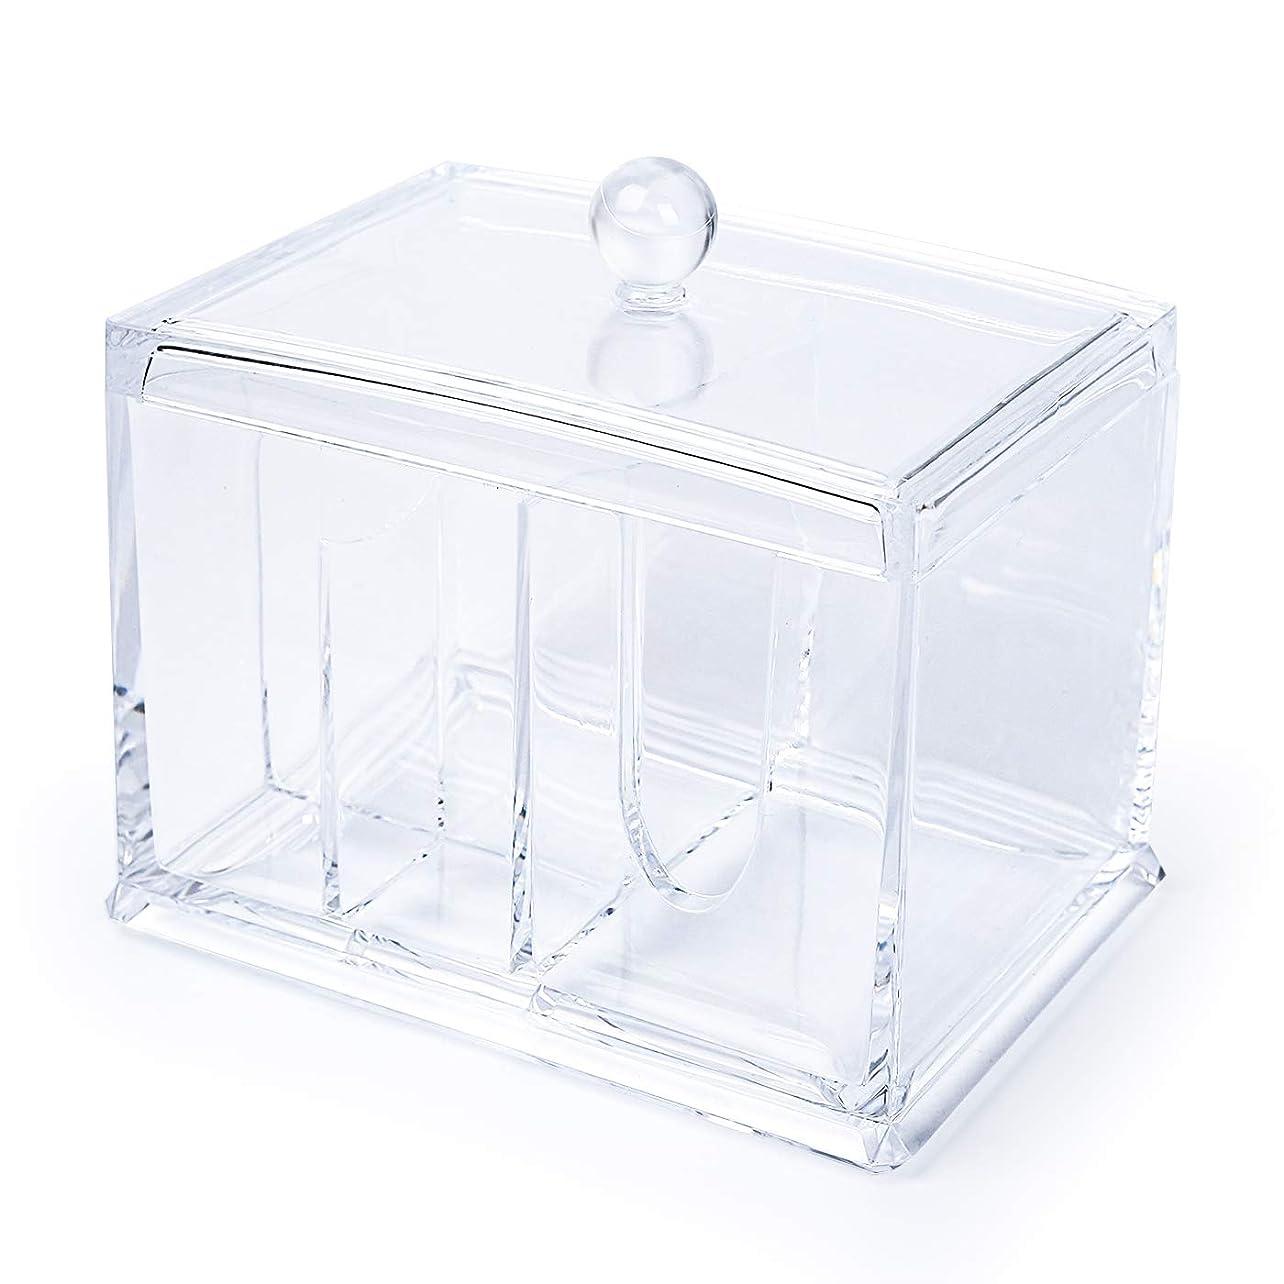 満州ギャザーローンELOKI 収納ボックス アクリルケース 収納ボックス 綿棒 小物?コスメ小物用品収納 ジュエリーボックス アクセサリー 透明 防塵?蓋付き アクリル製